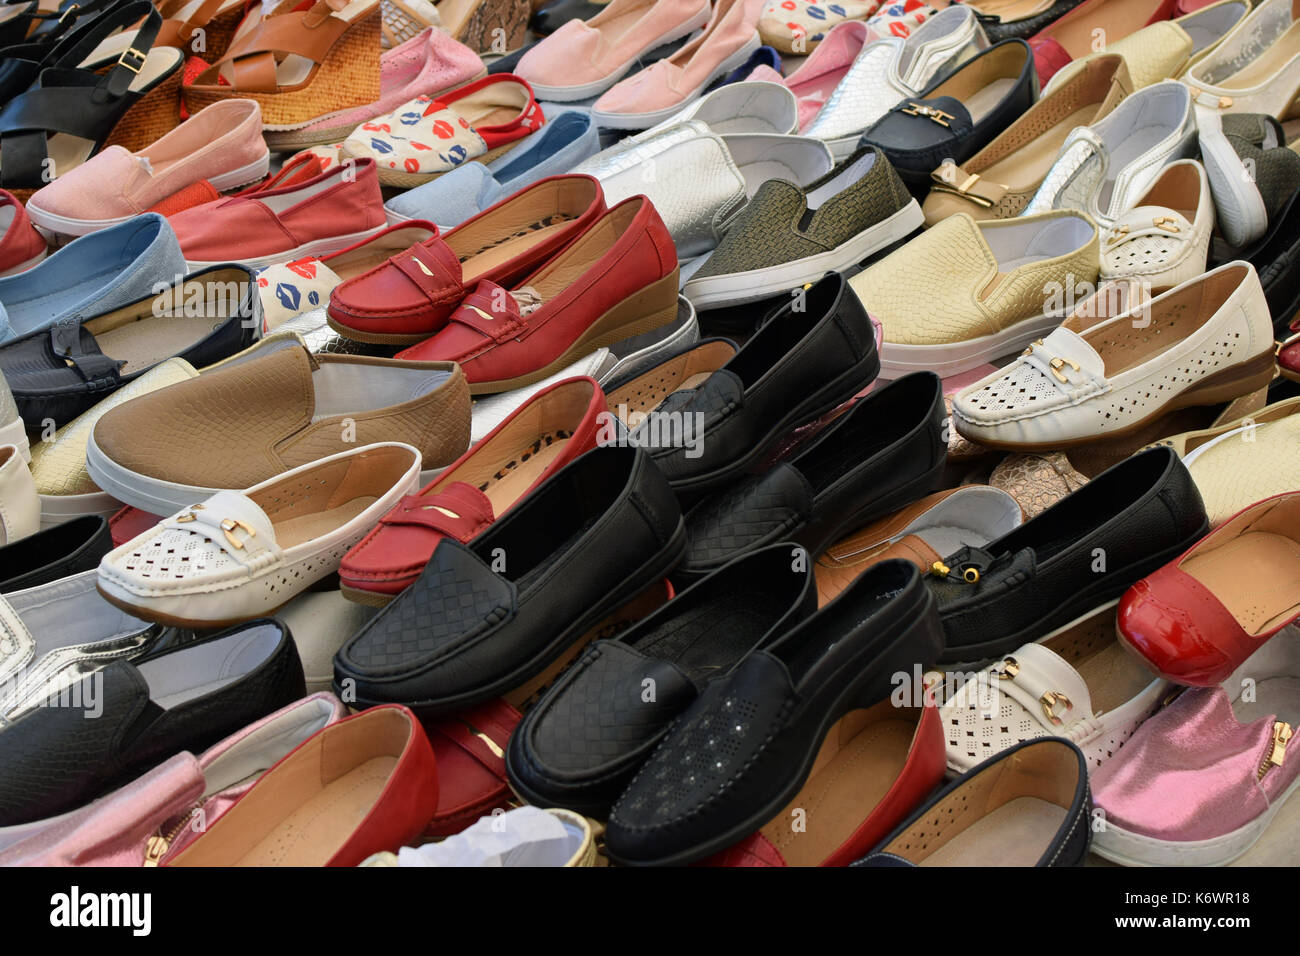 bba33d02005 Zapatos planos para las mujeres a la venta en mercado callejero. Calzado  casual. Imagen